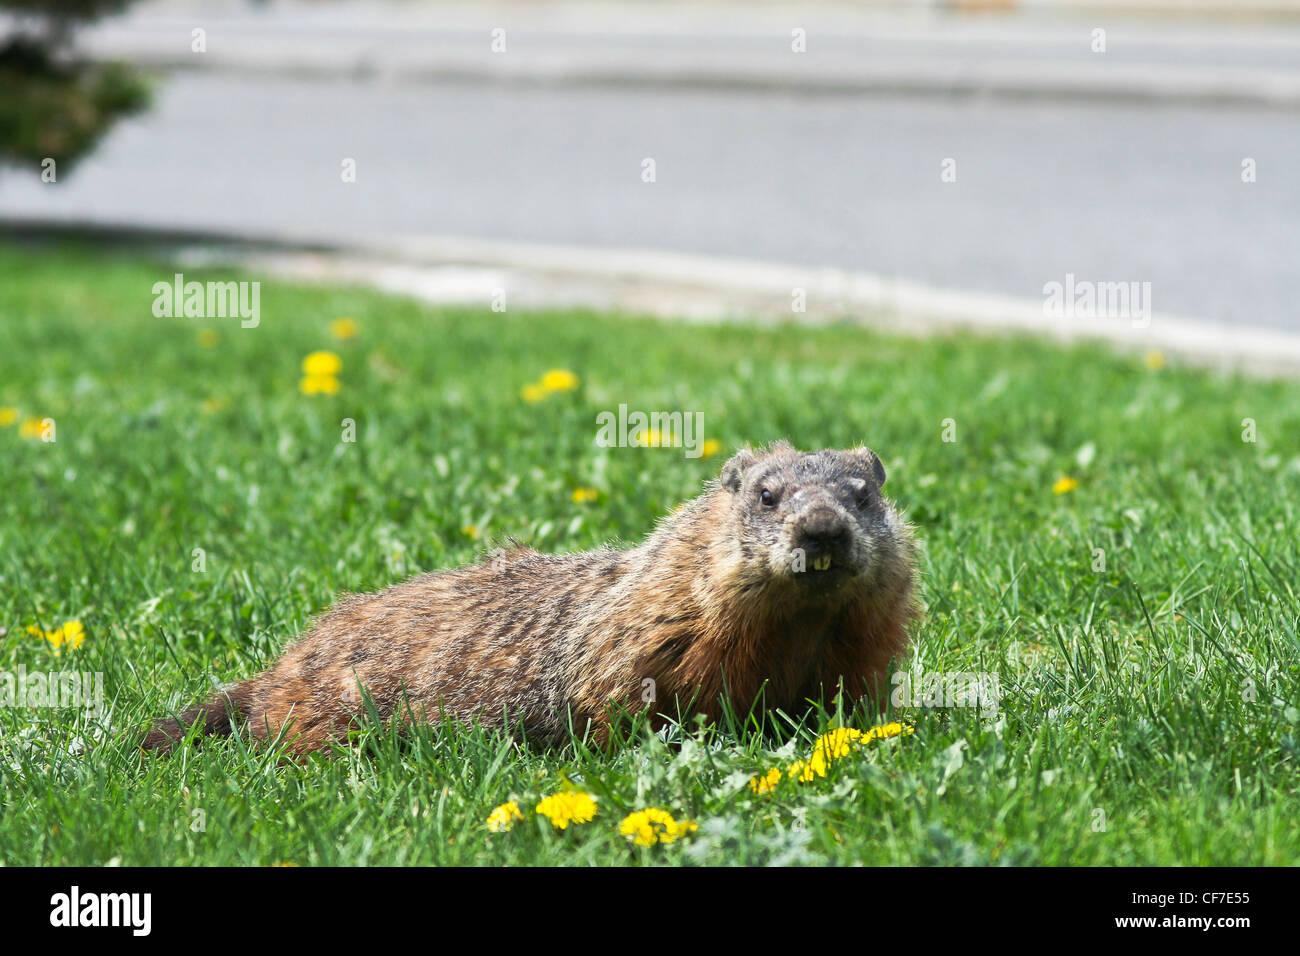 Marmot marmota, groundhog,Sciuridae - Stock Image